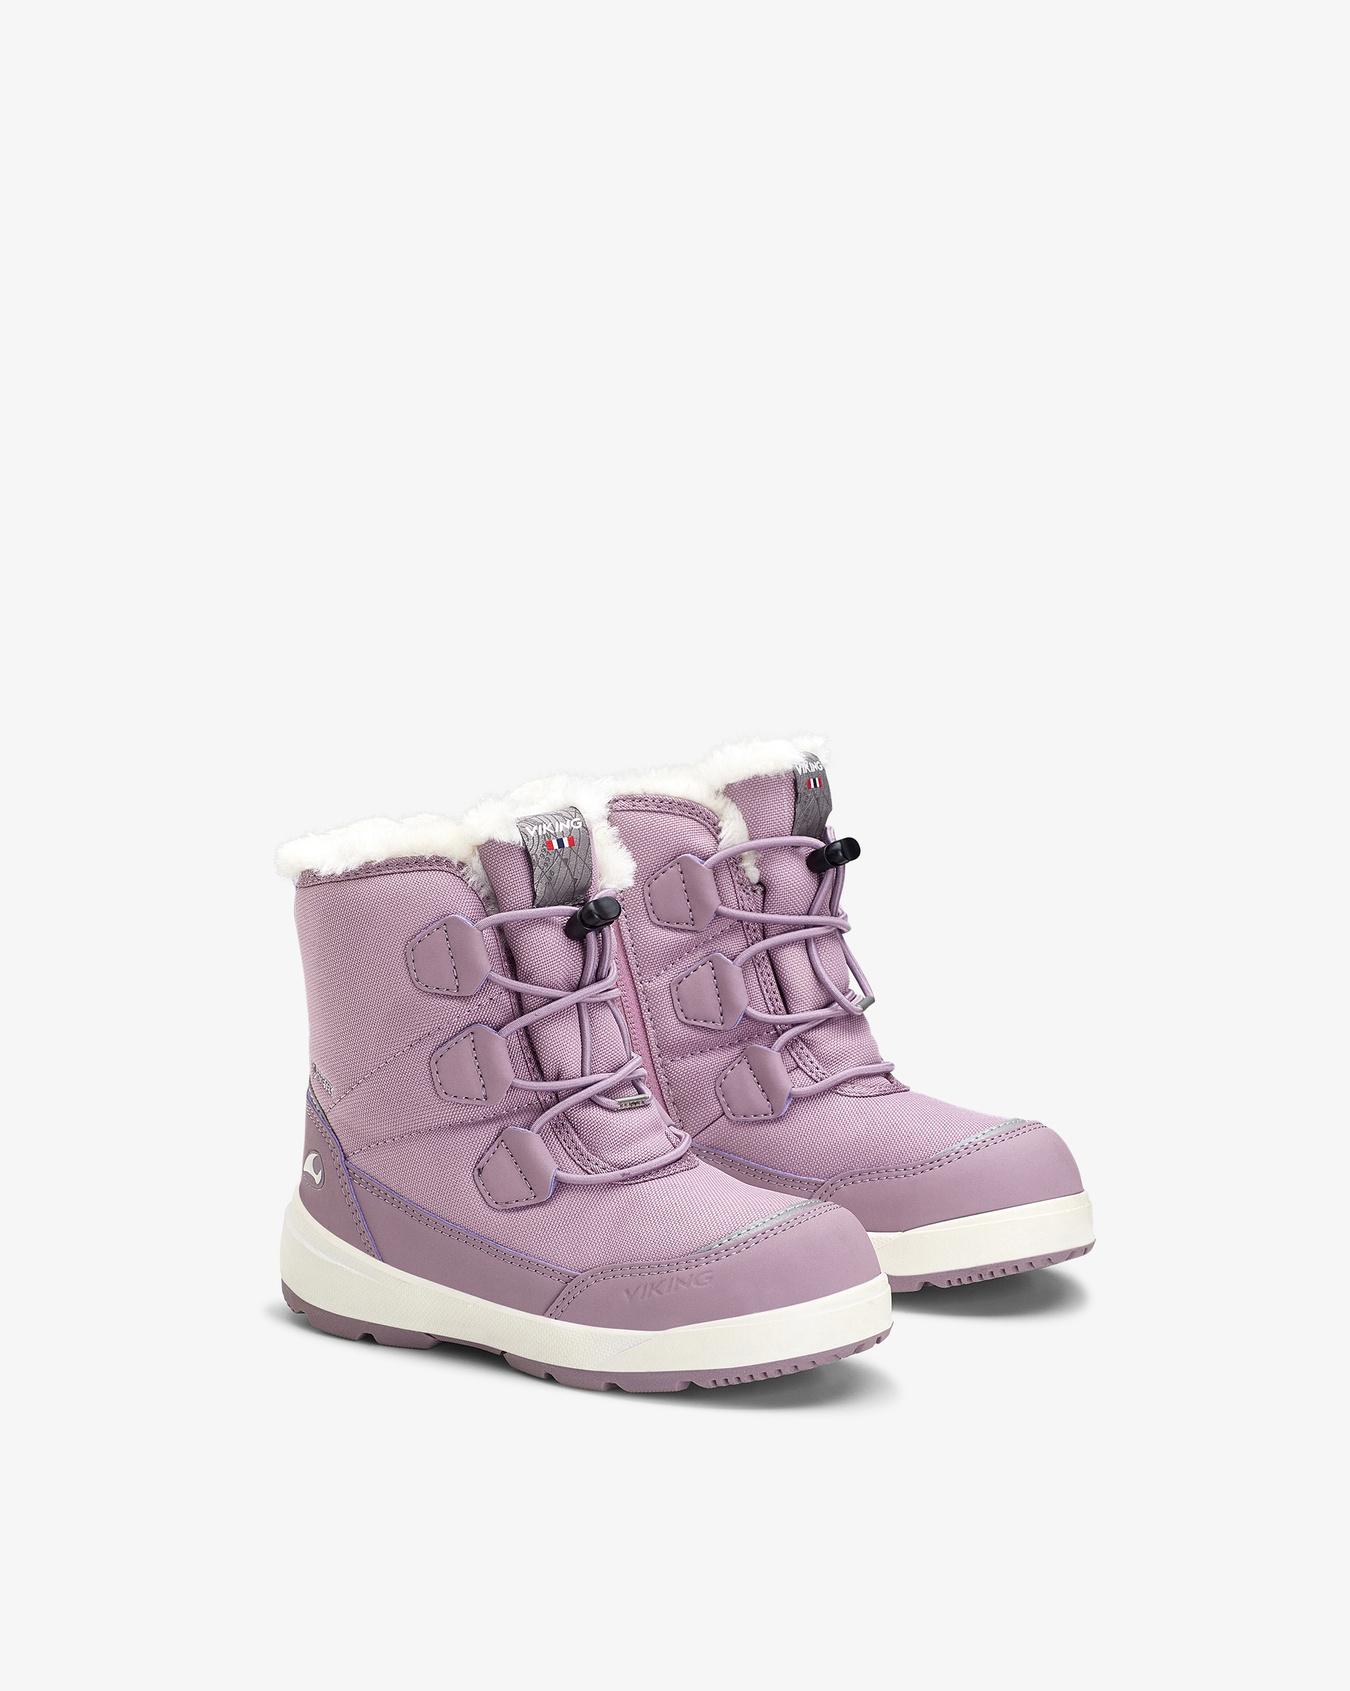 Montebello GTX Pink Winter Boots